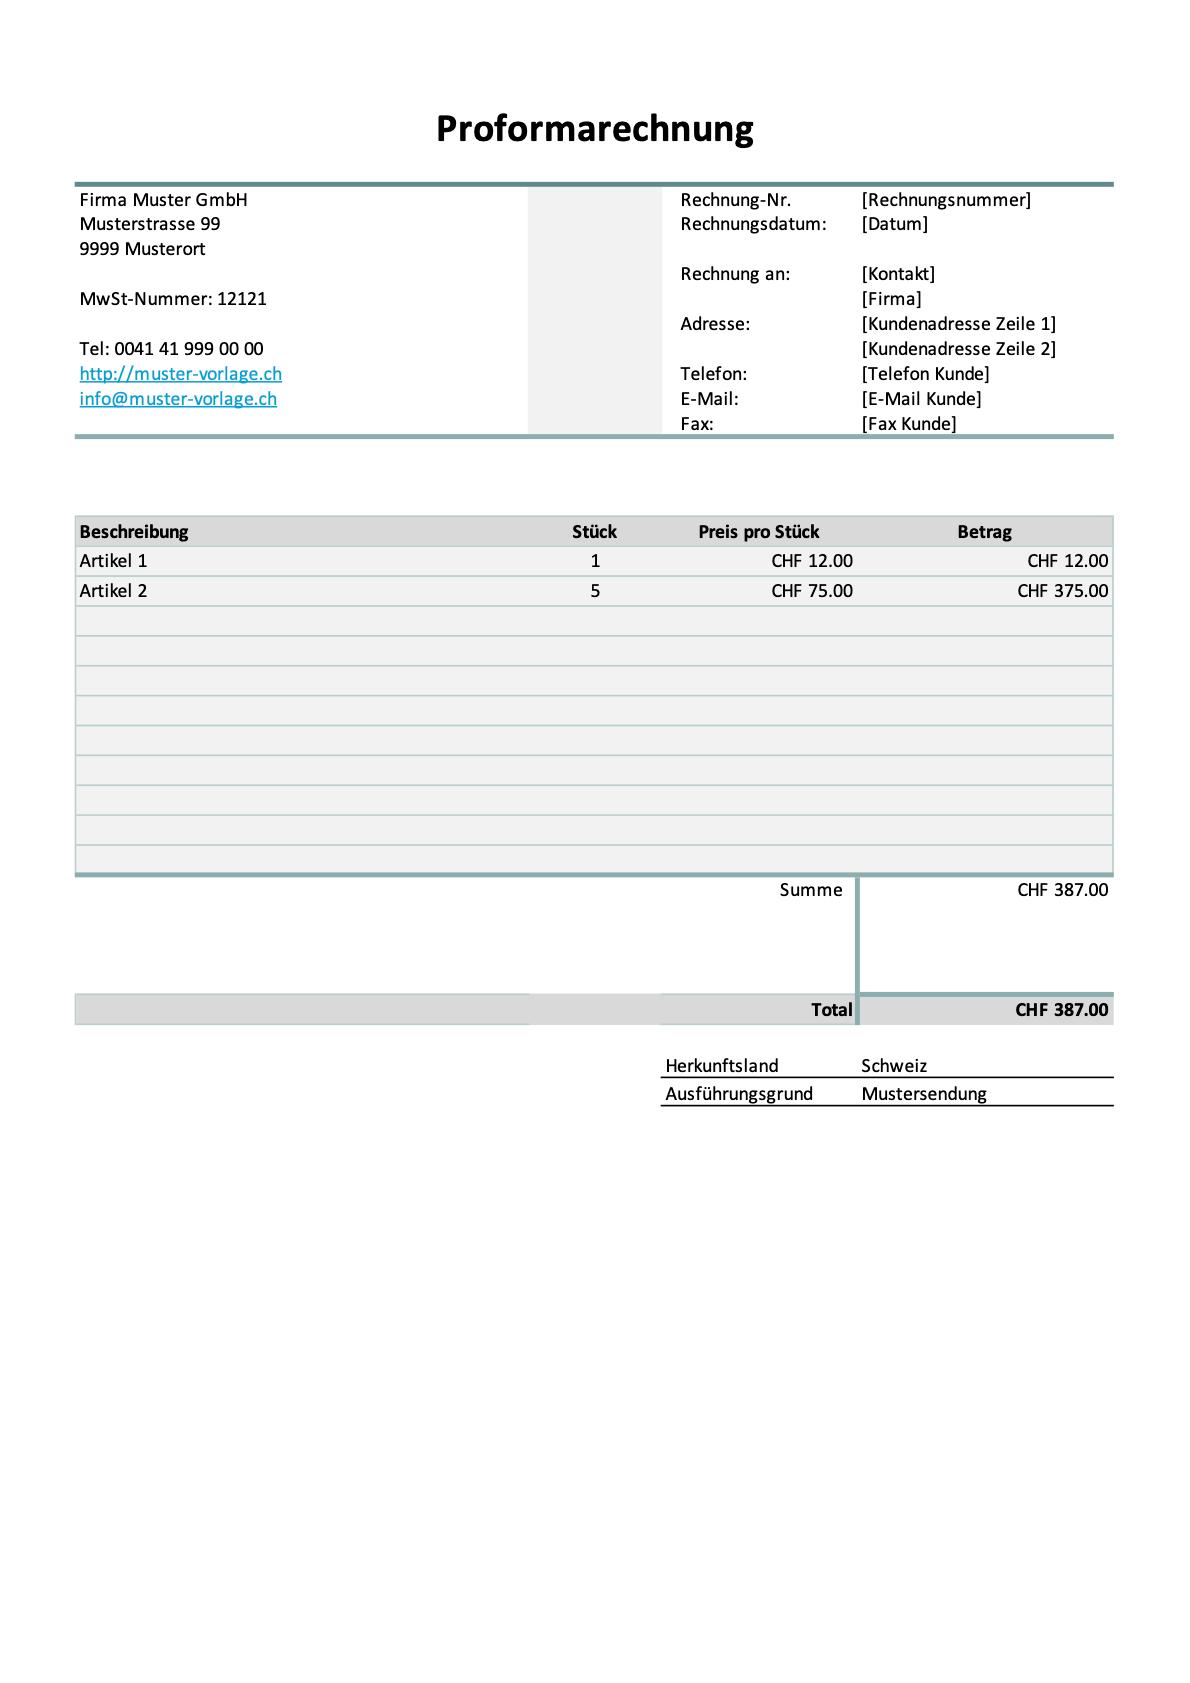 Proforma-Rechnung Vorlage Excel